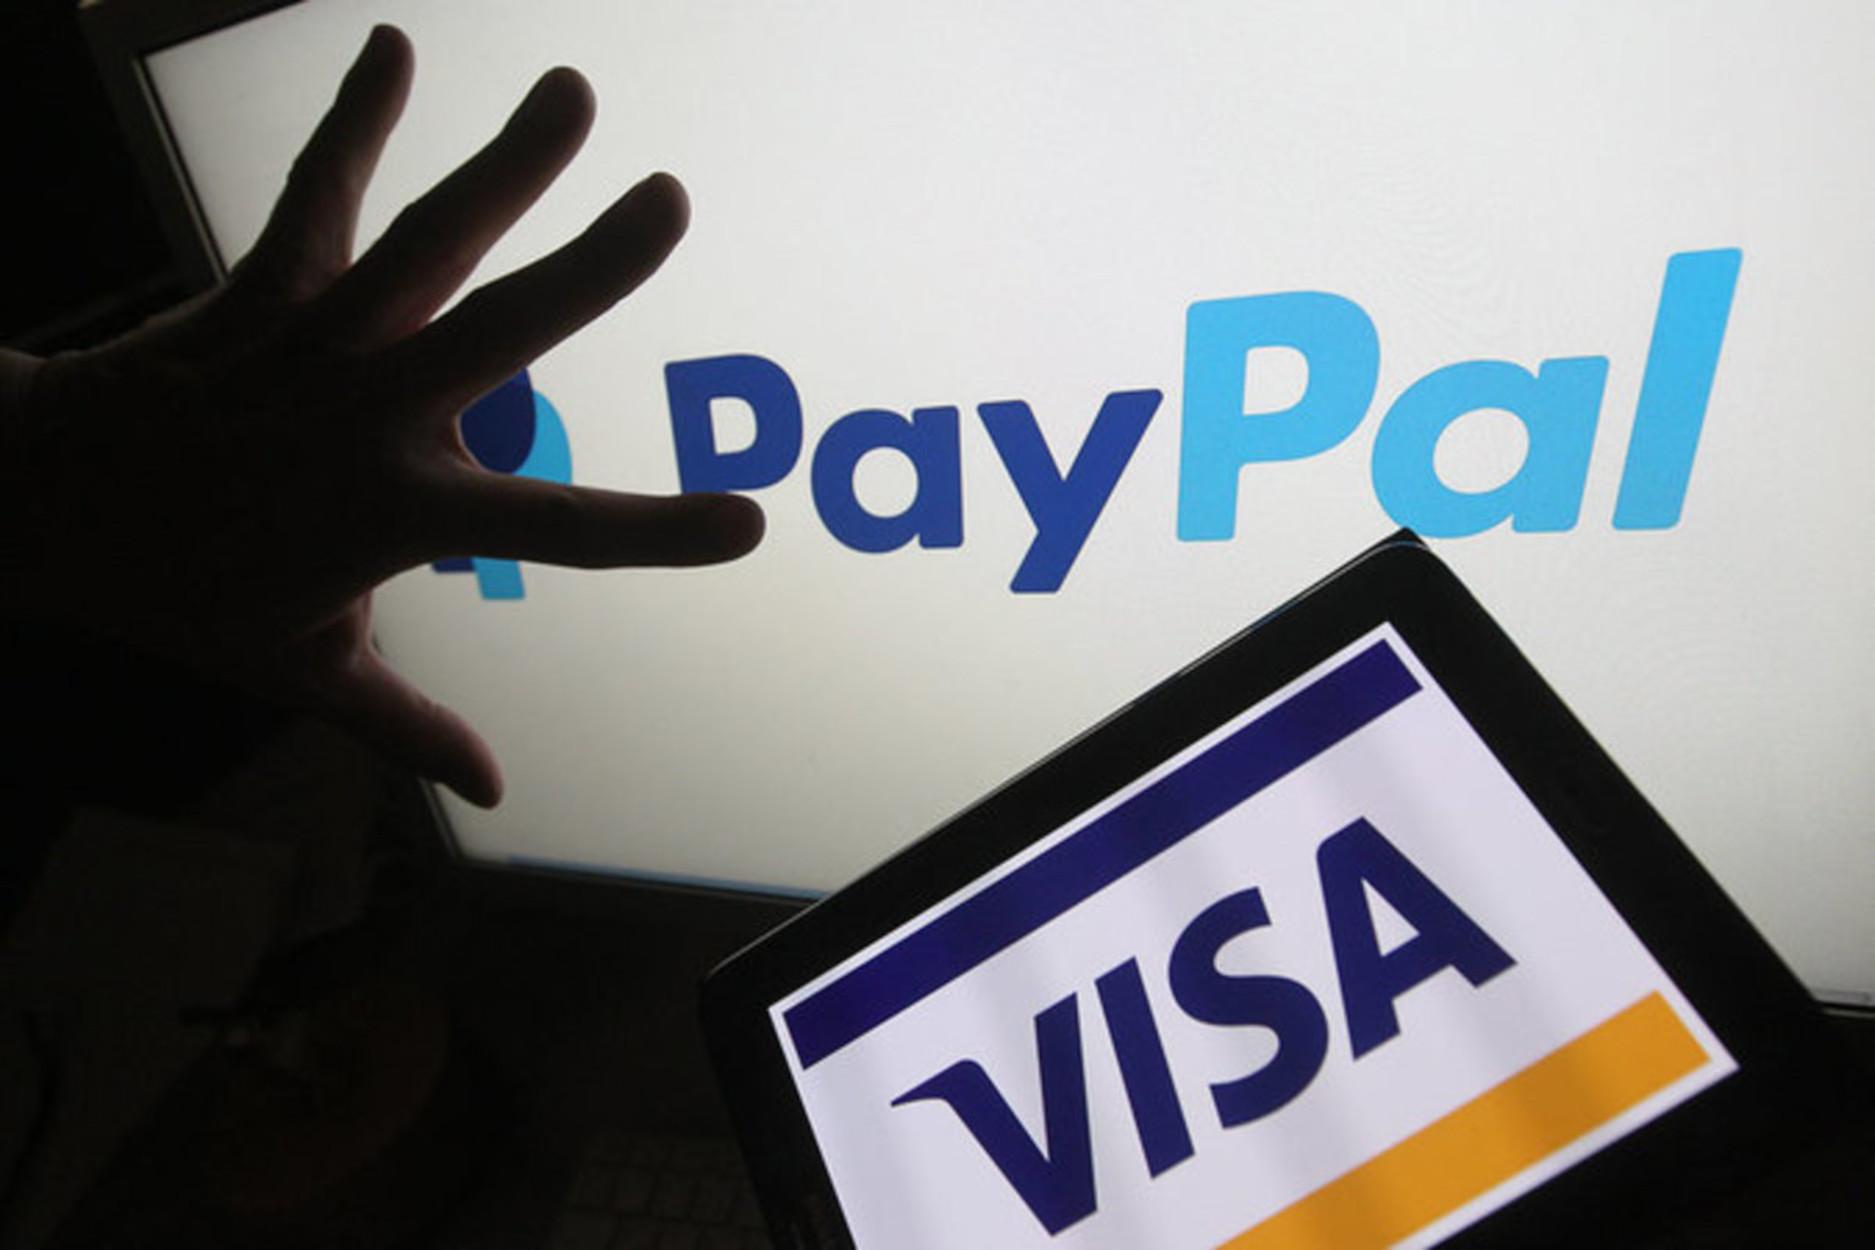 Έσπασε κάθε ρεκόρ η Paypal το 2020! «Εκτόξευση» πέρα από κάθε εκτίμηση